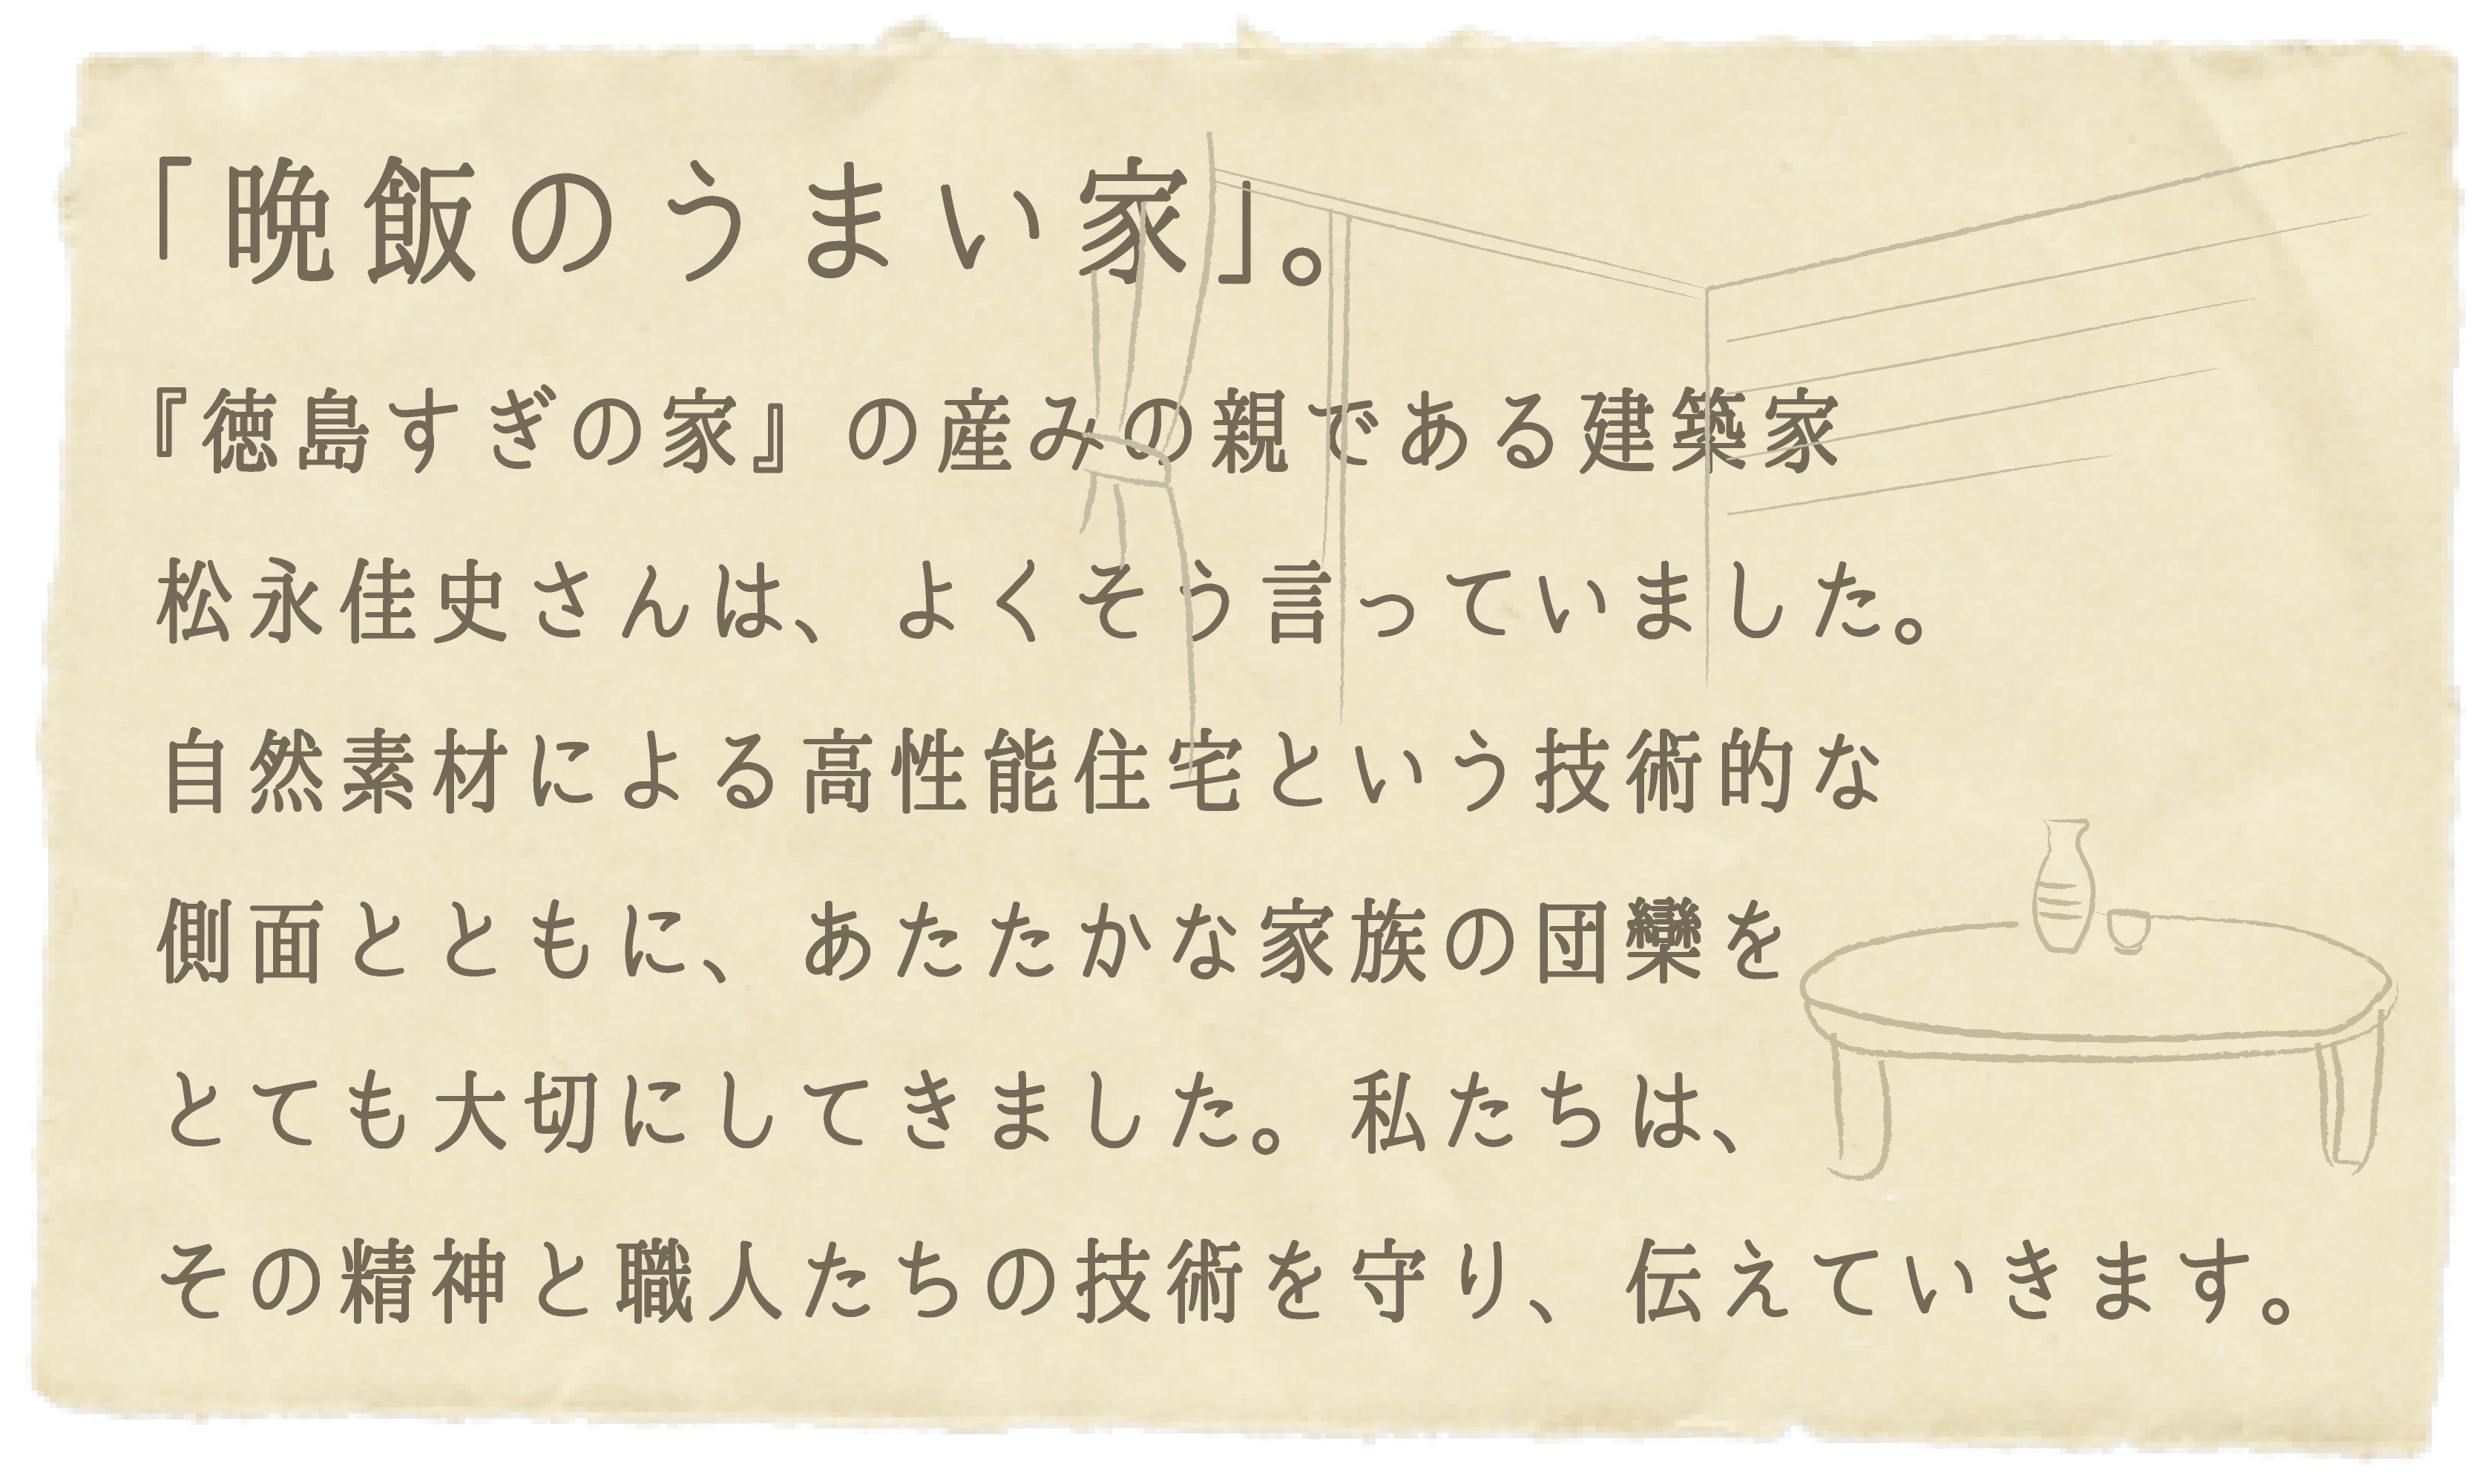 「晩飯のうまい家」。『徳島すぎの家』の産みの親である建築家 松永佳史さんは、よくそう言っていました。自然素材による高性能住宅という技術的な側面とともに、あたたかな家族の団欒をとても大切にしてきました。私たちは、その精神と職人たちの技術を守り、伝えていきます。